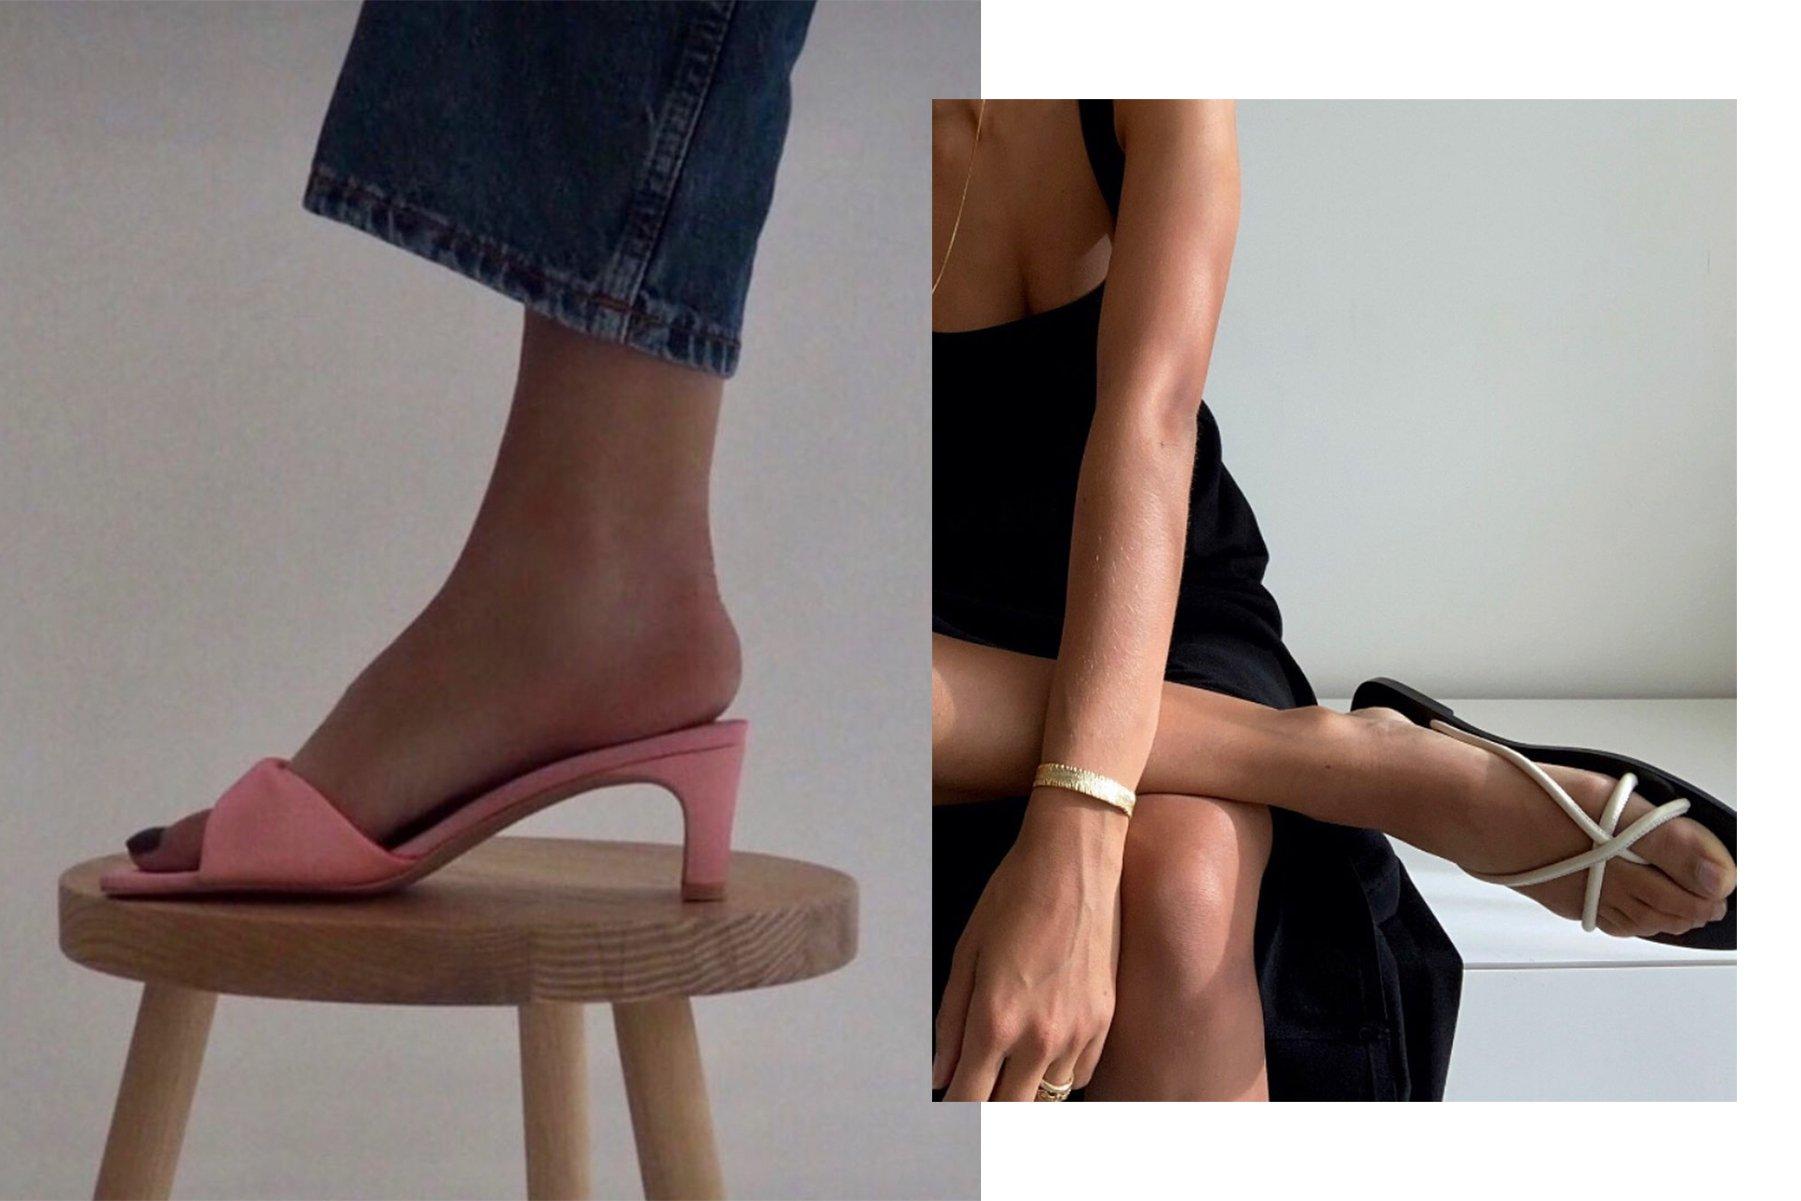 Australian footwear designers